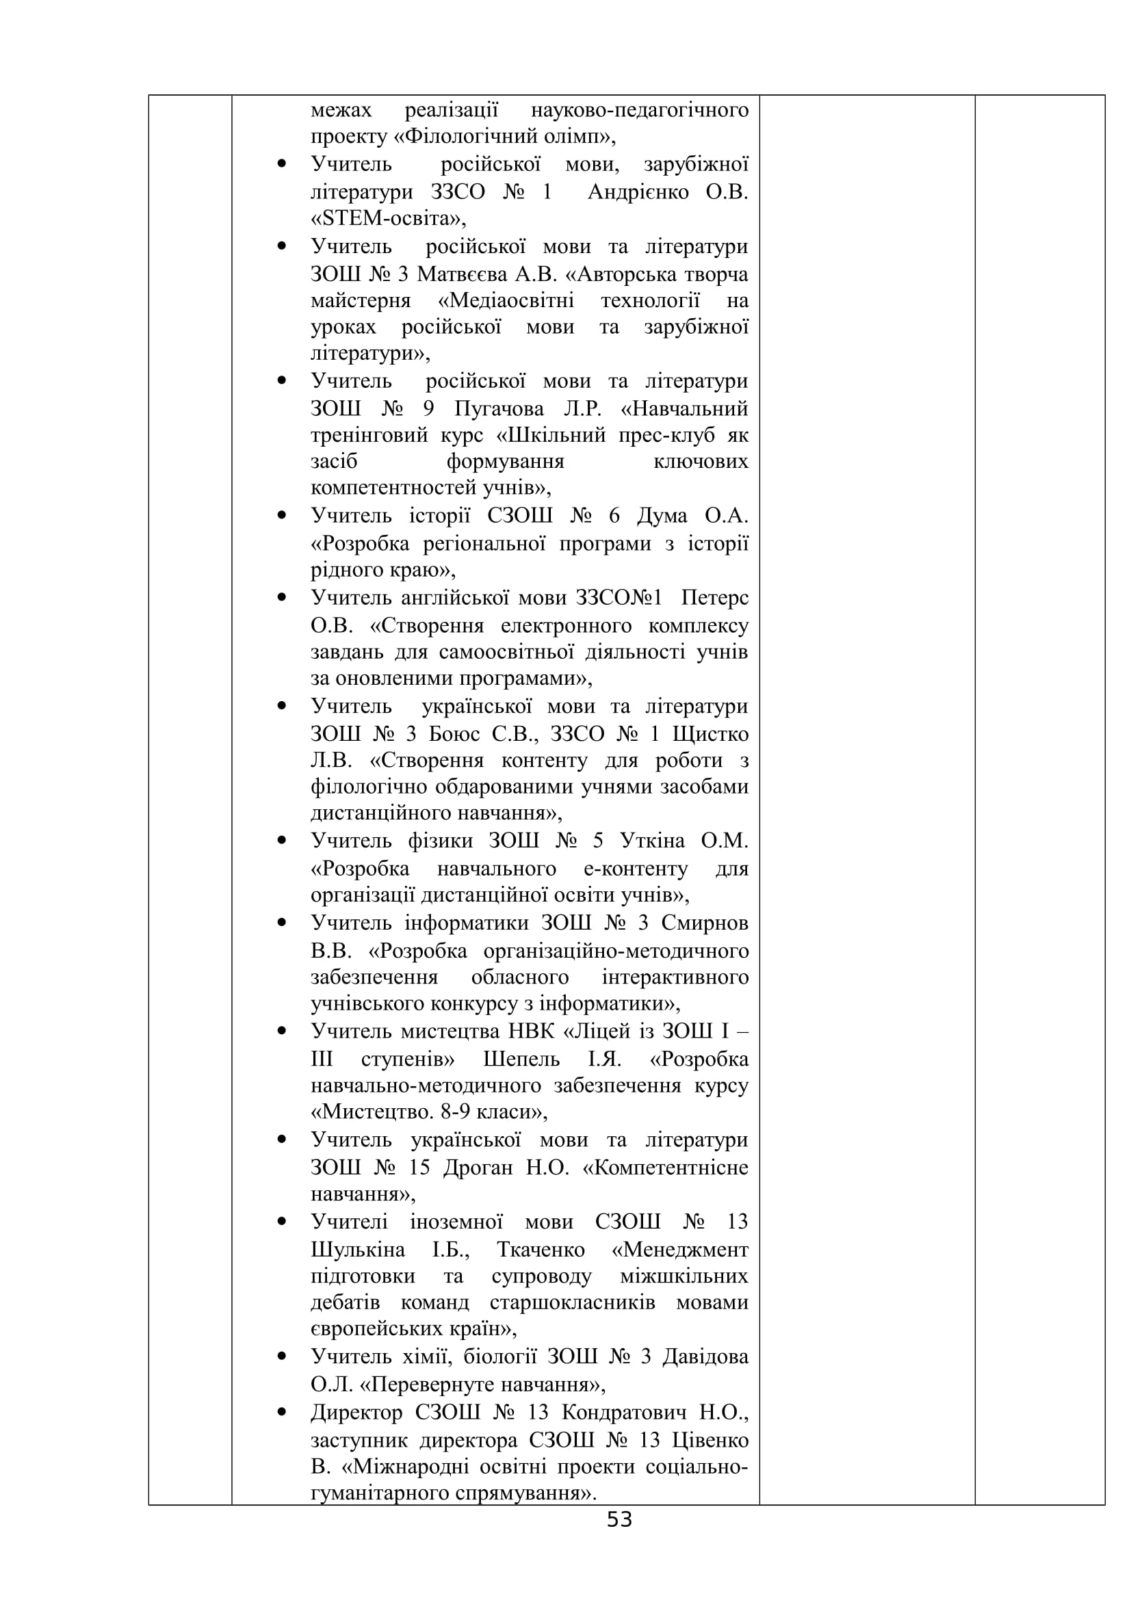 Костянтинівка 2018-2019 - ММК план роботи-54